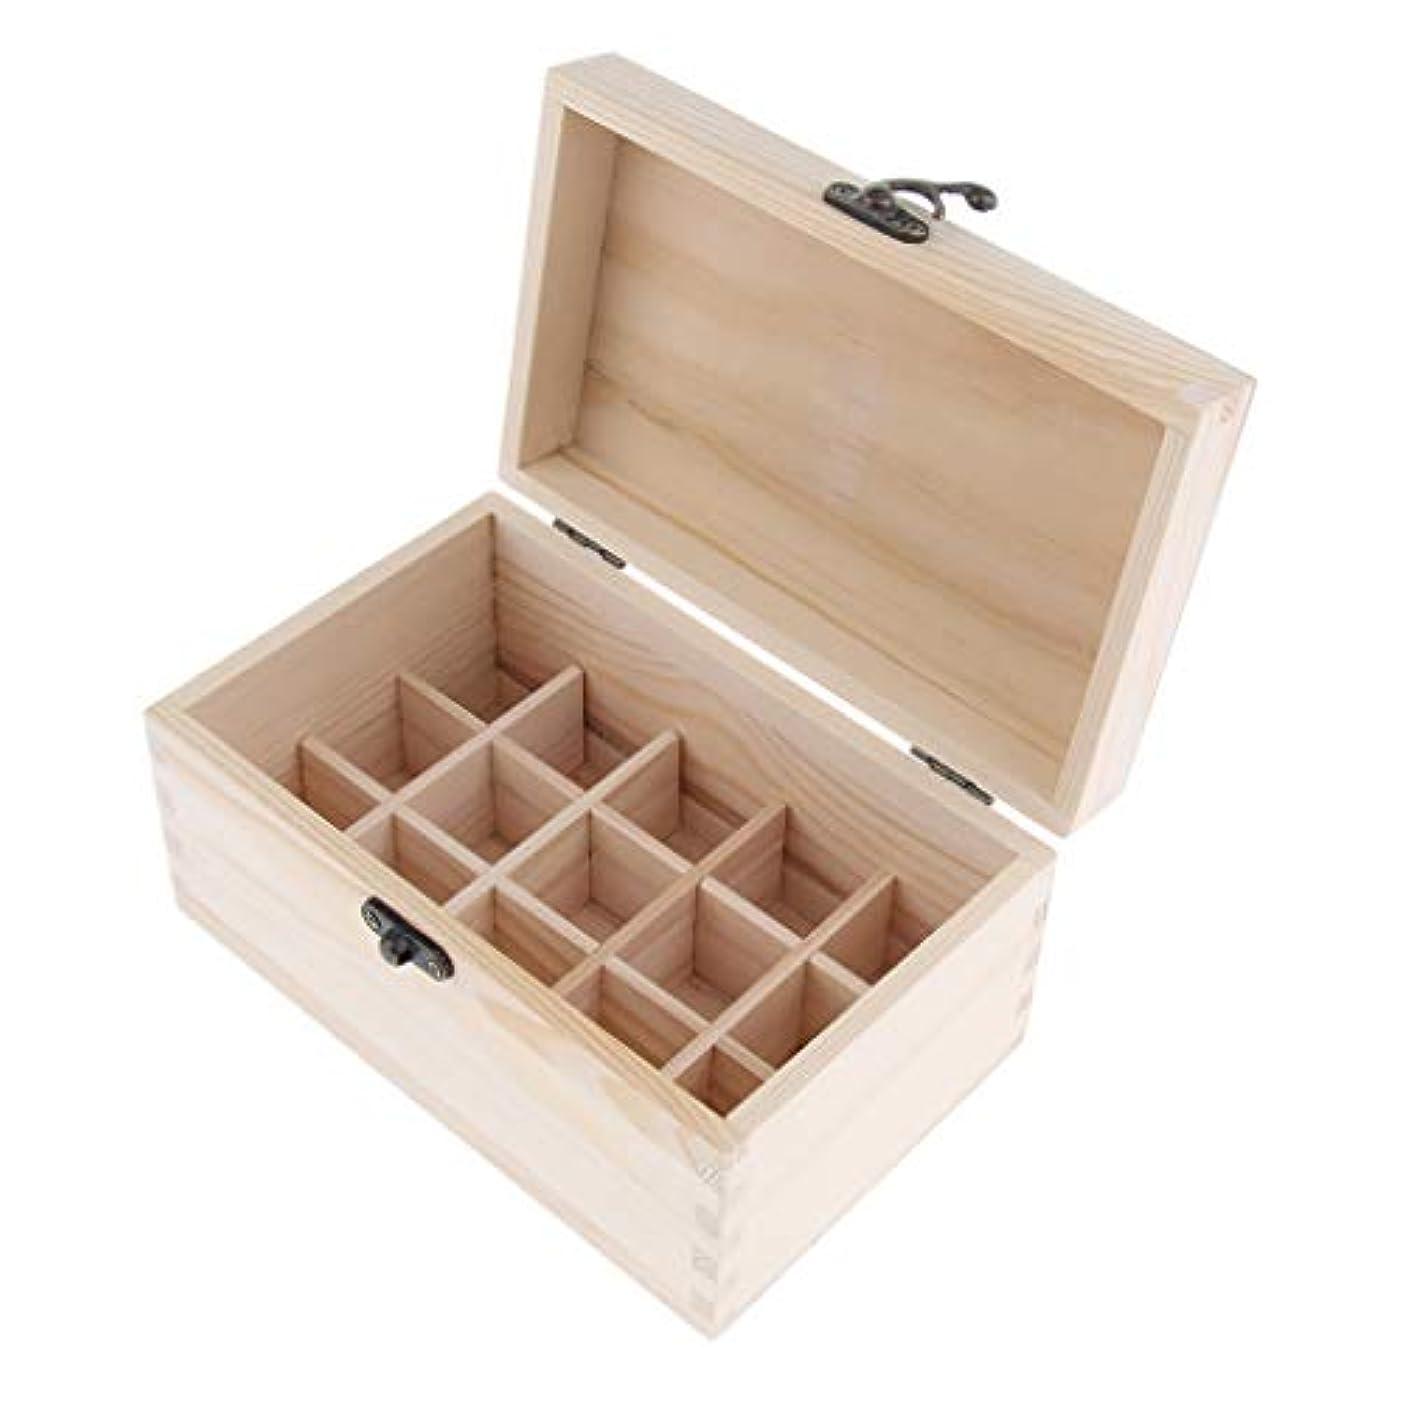 大聖堂前兆言い聞かせる精油ケース 化粧品収納ボックス 15仕切り 木製 エッセンシャルオイル コンパクト 携帯便利 実用性